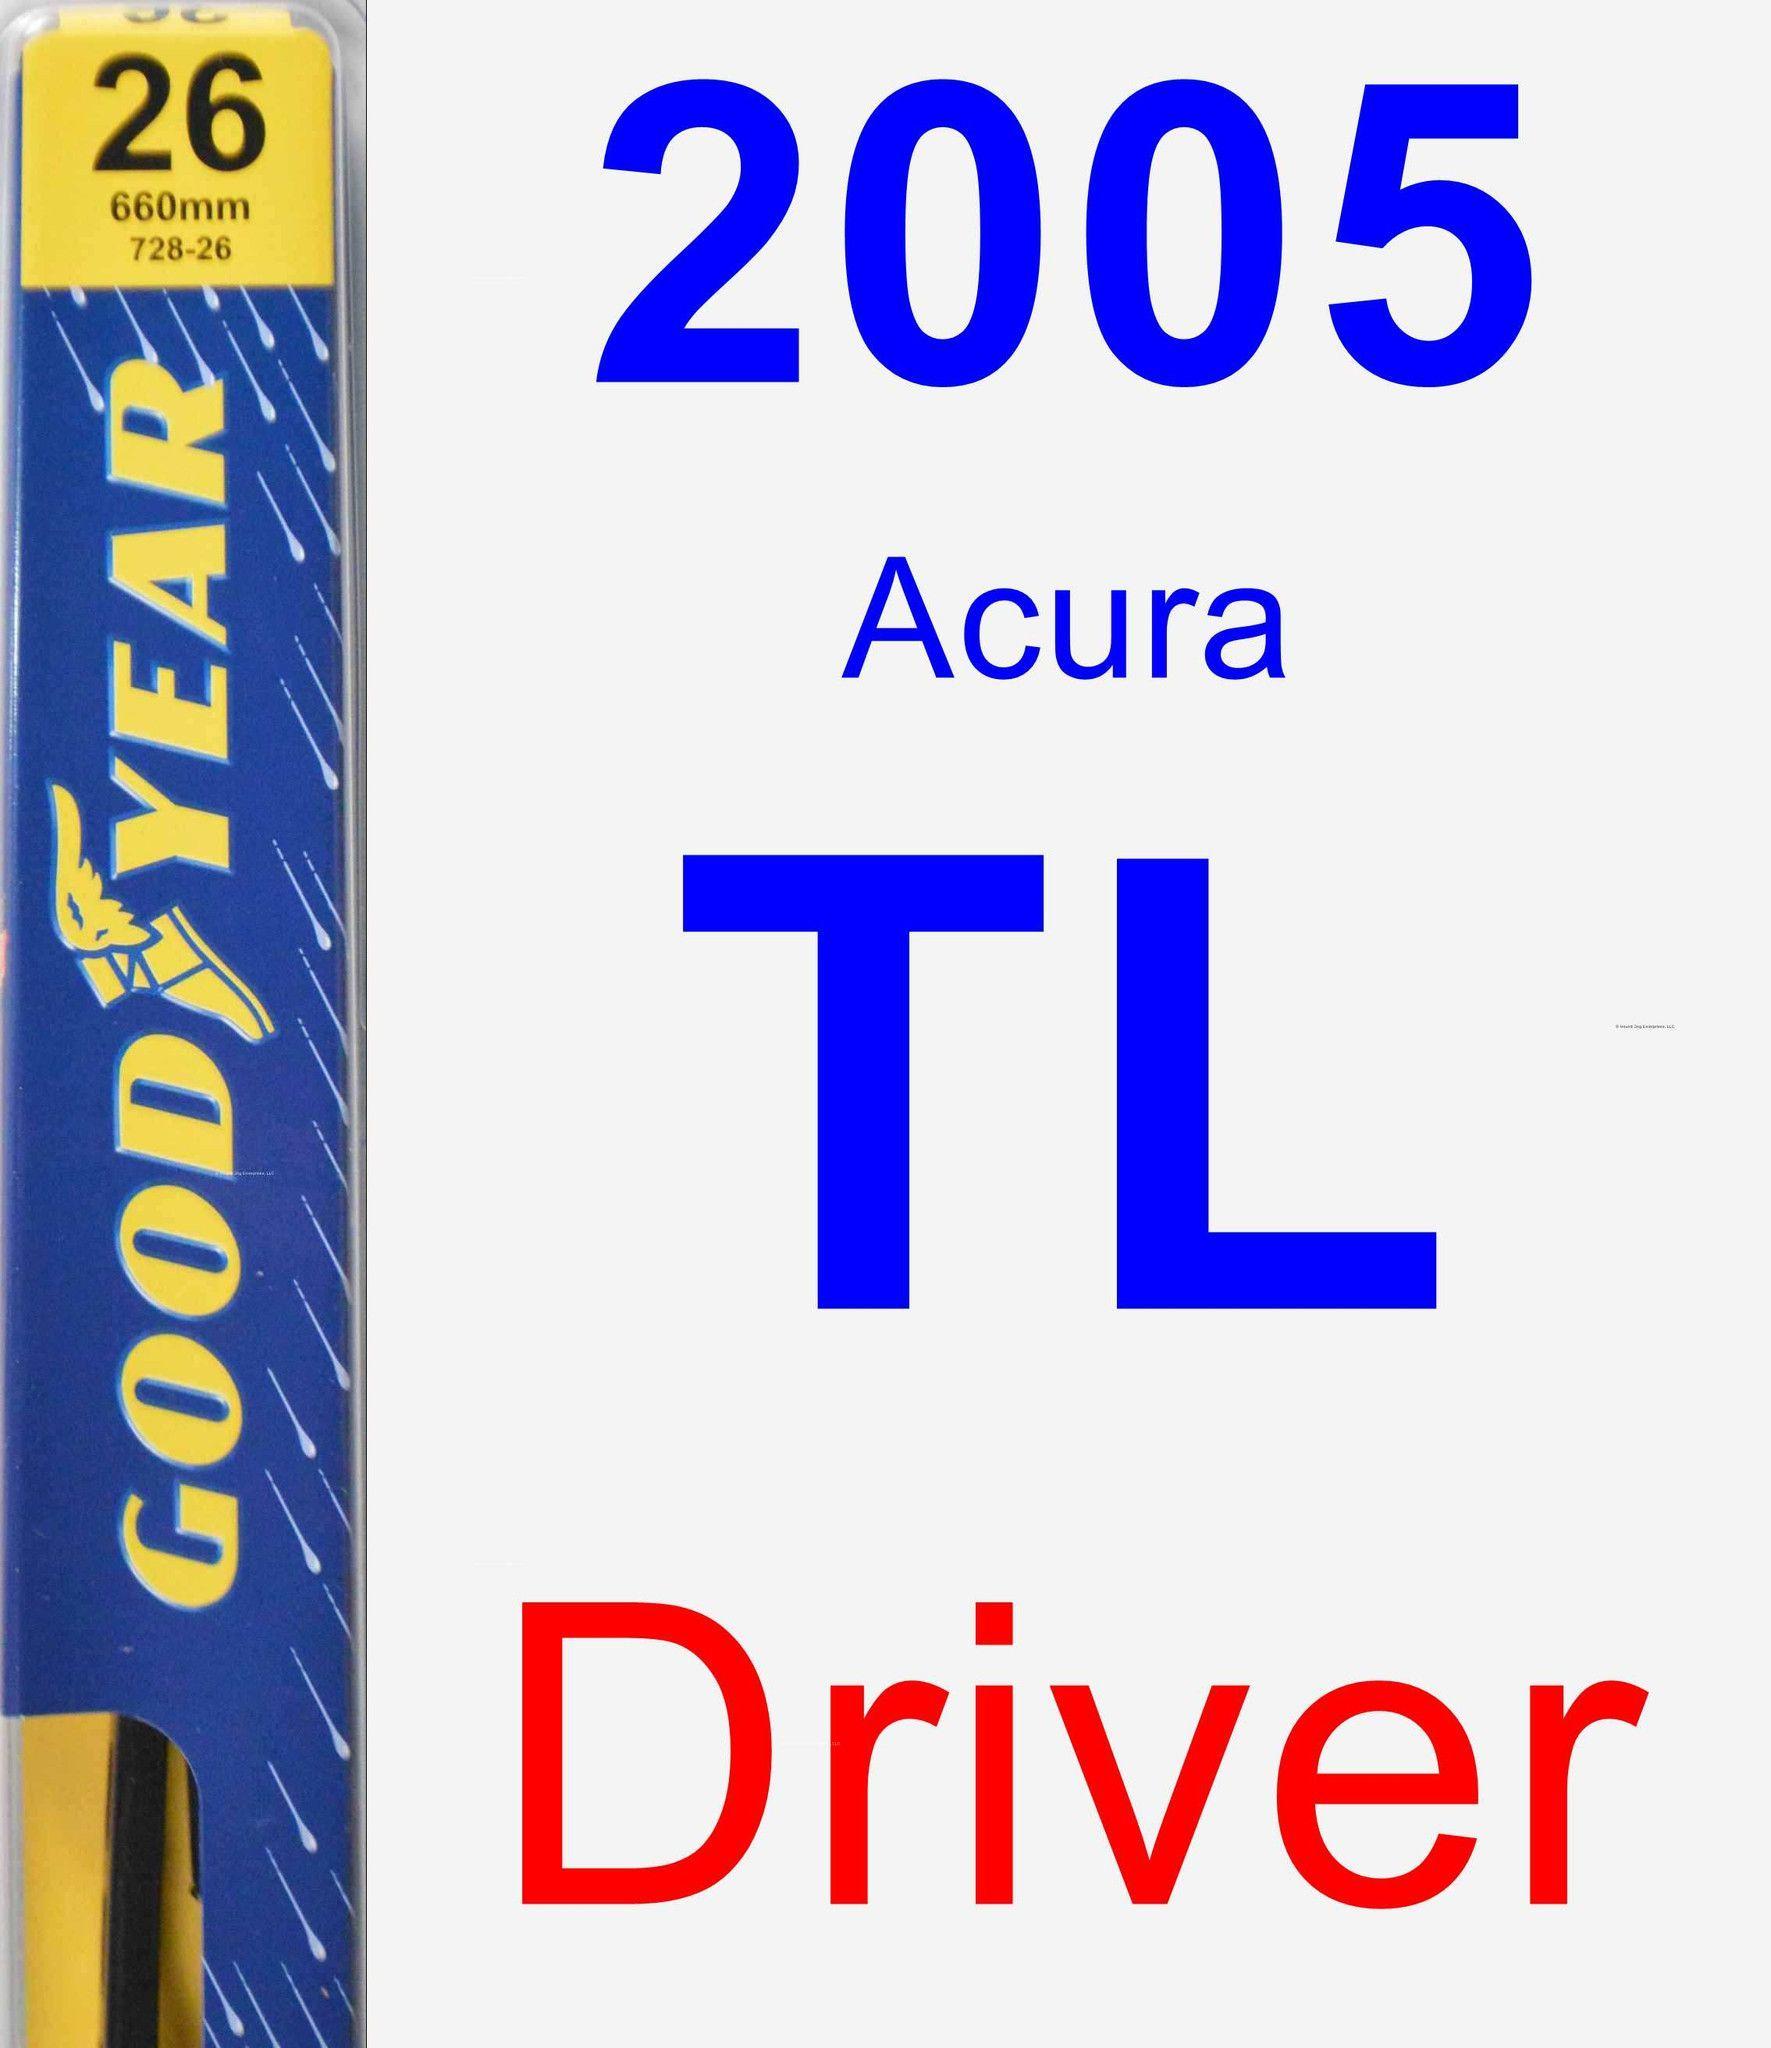 Driver Wiper Blade For 2005 Acura TL - Premium